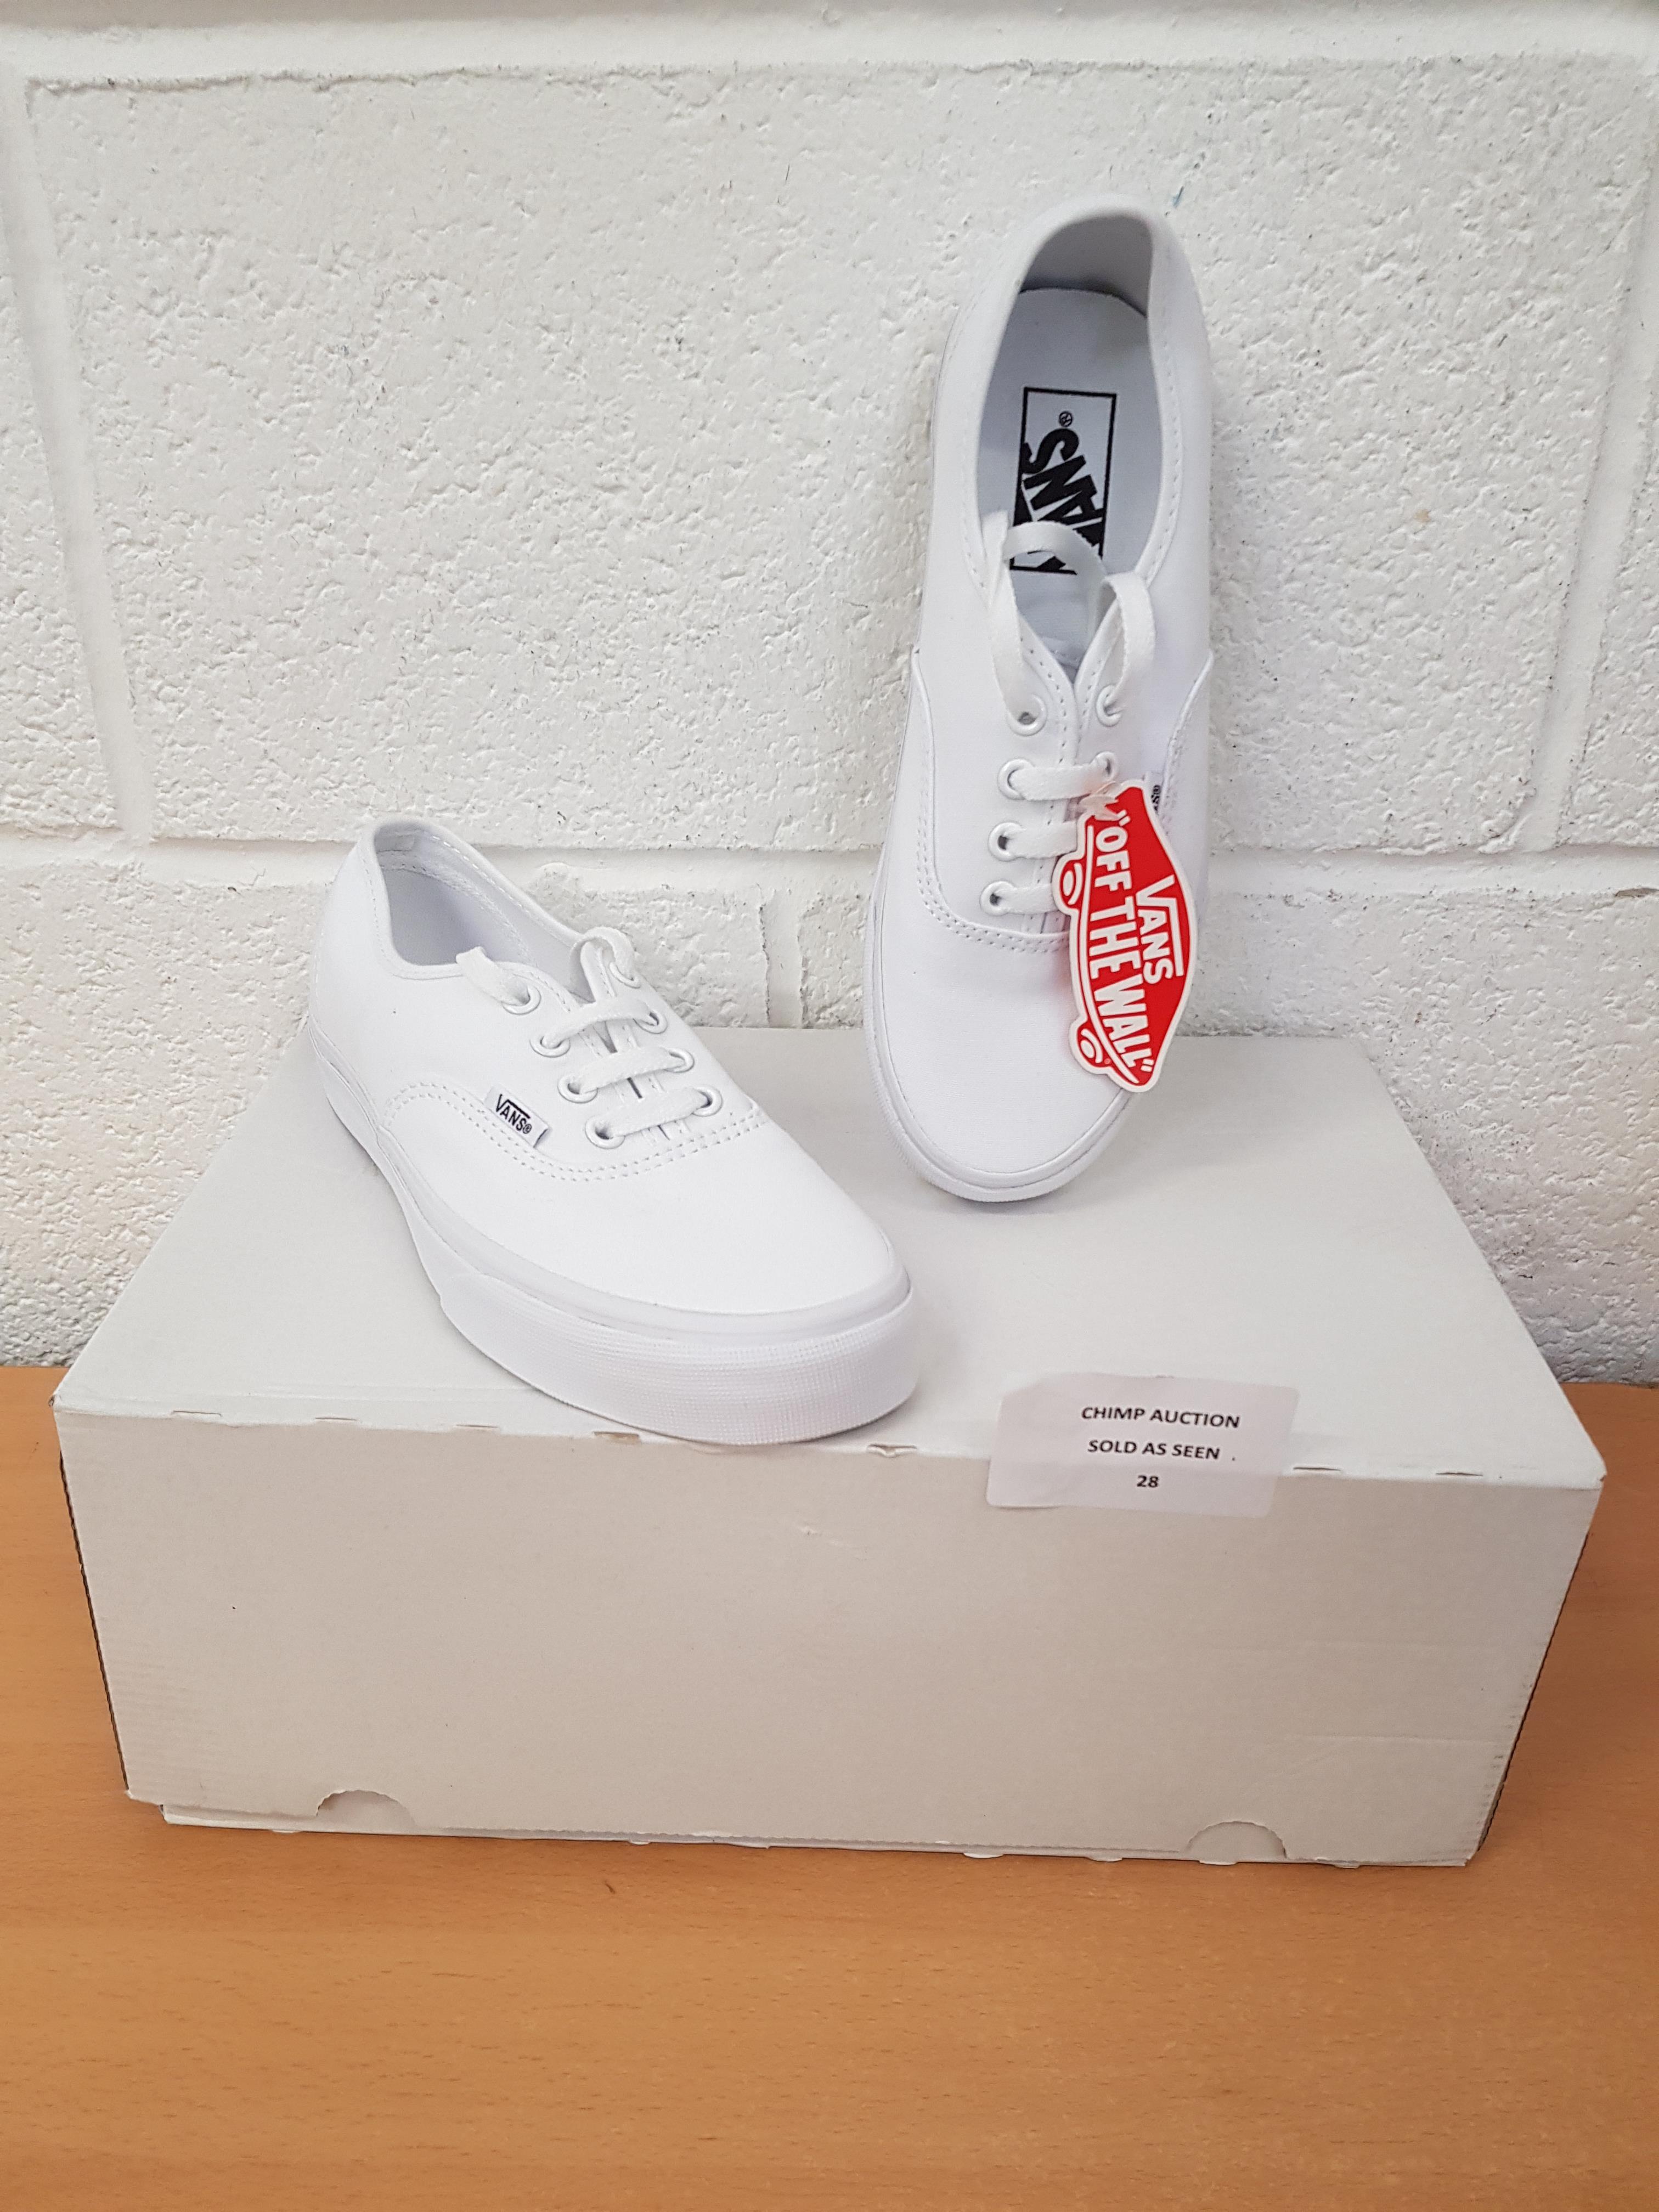 Lot 28 - Vans Unisex shoes UK 5